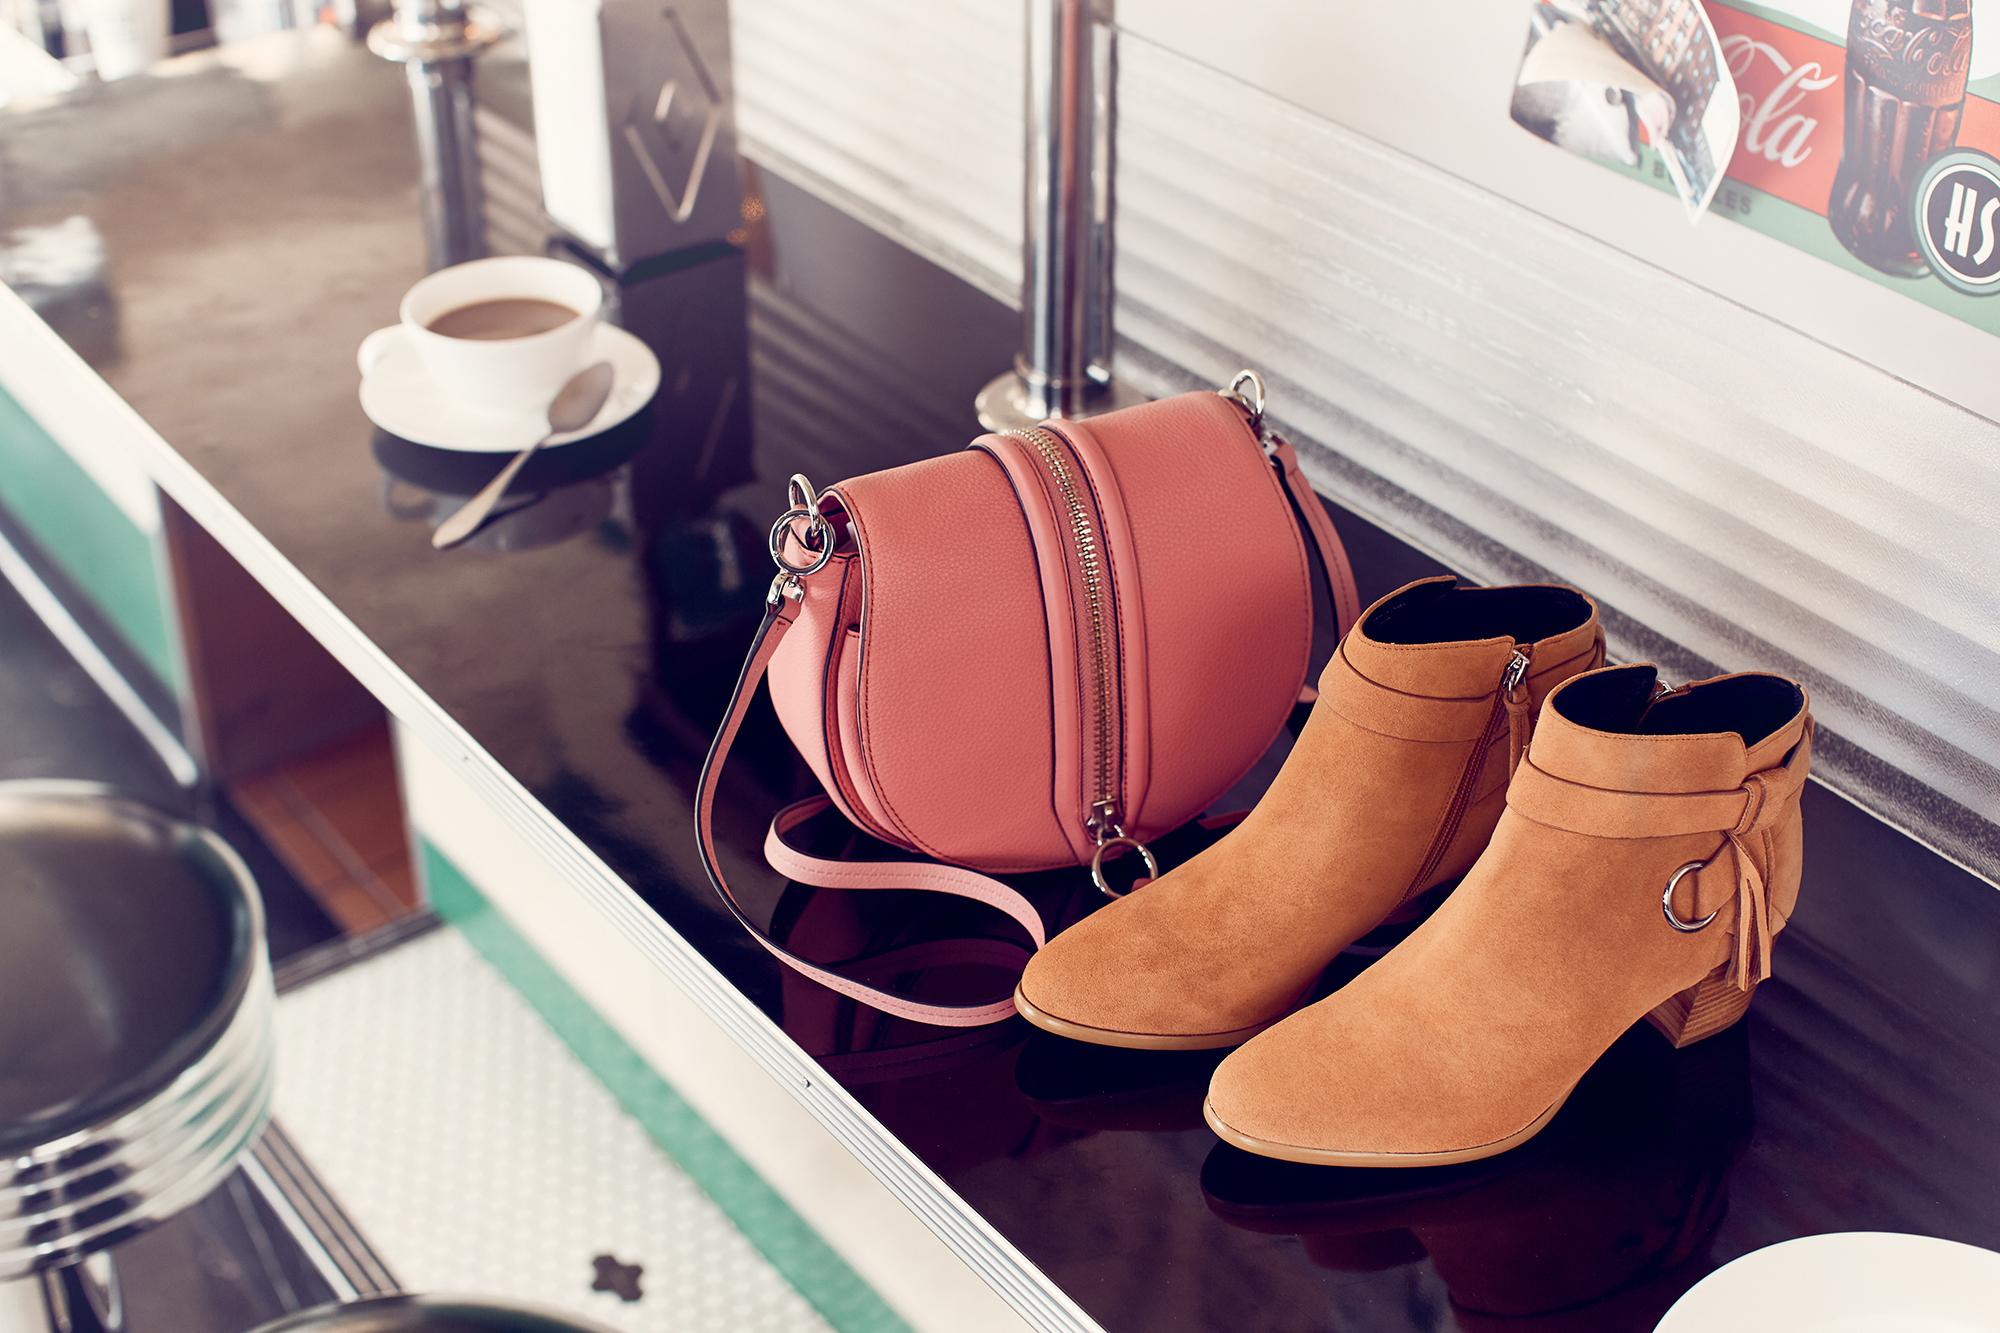 tom-medvedich-footwear-gilt-minkoff-02.jpg